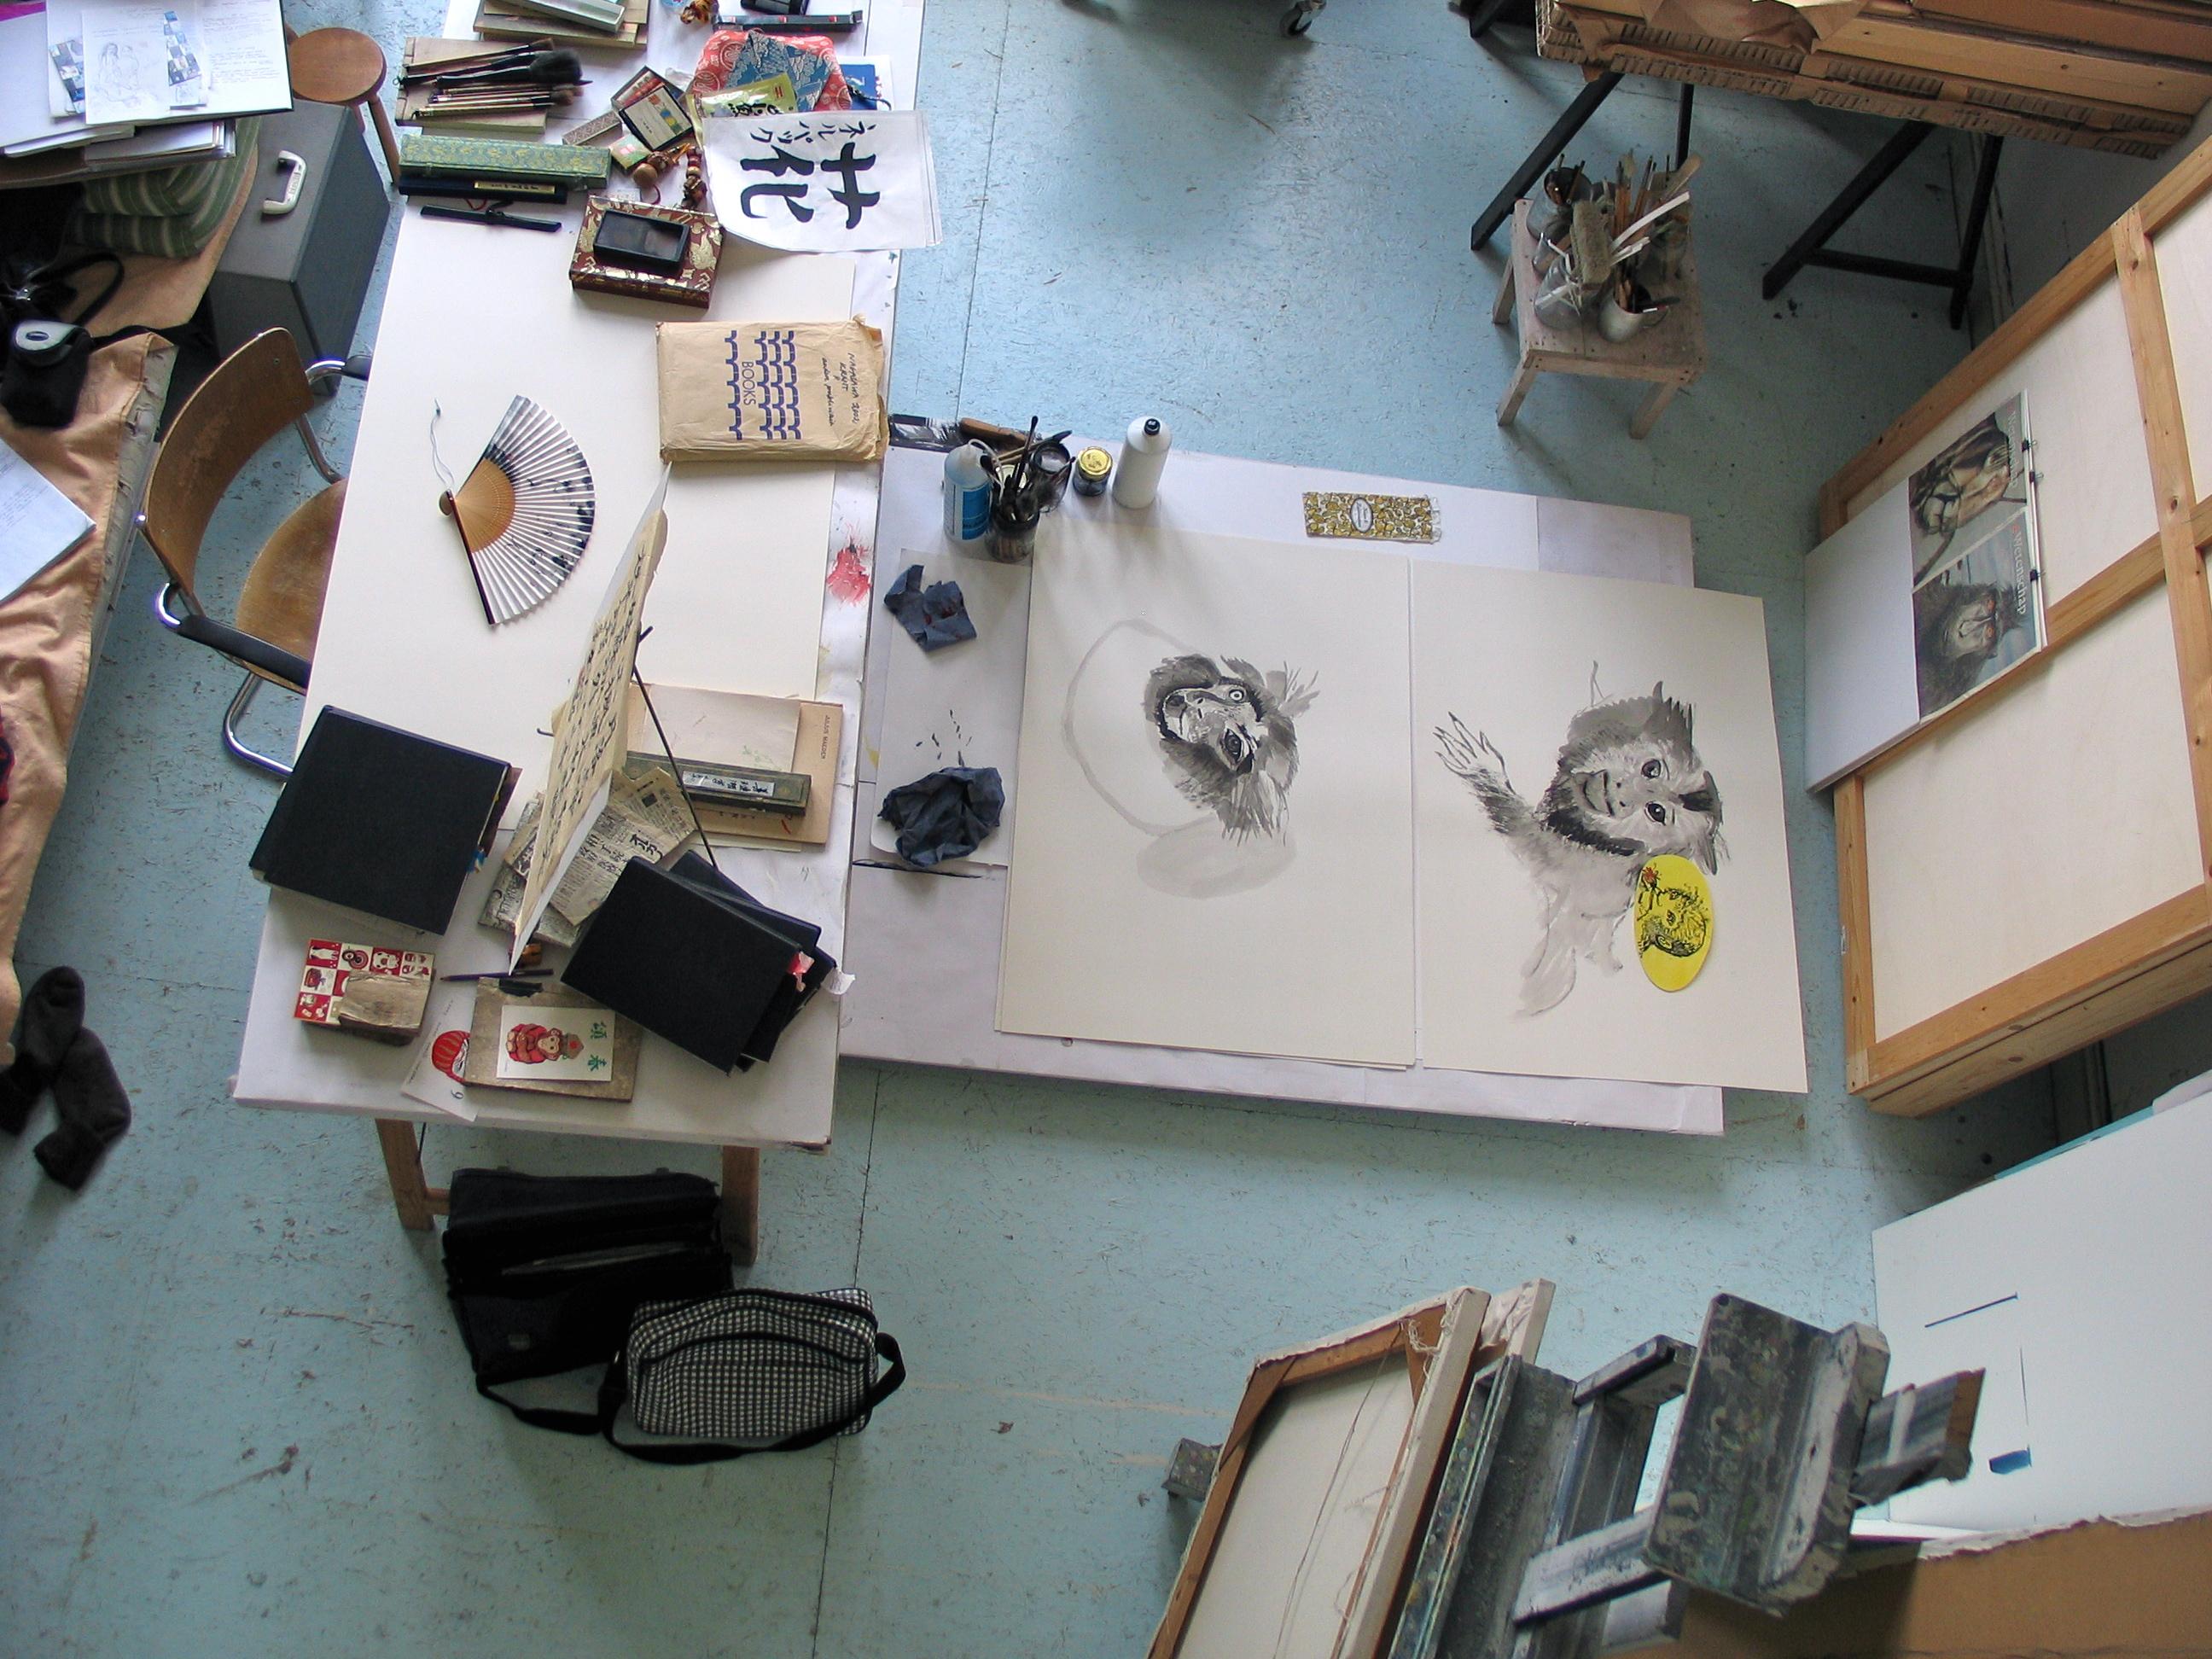 Atelier (Alkhof 57c, Utrecht), 17 juni 2009, met inkttekeningen Aap No. 1 en 2